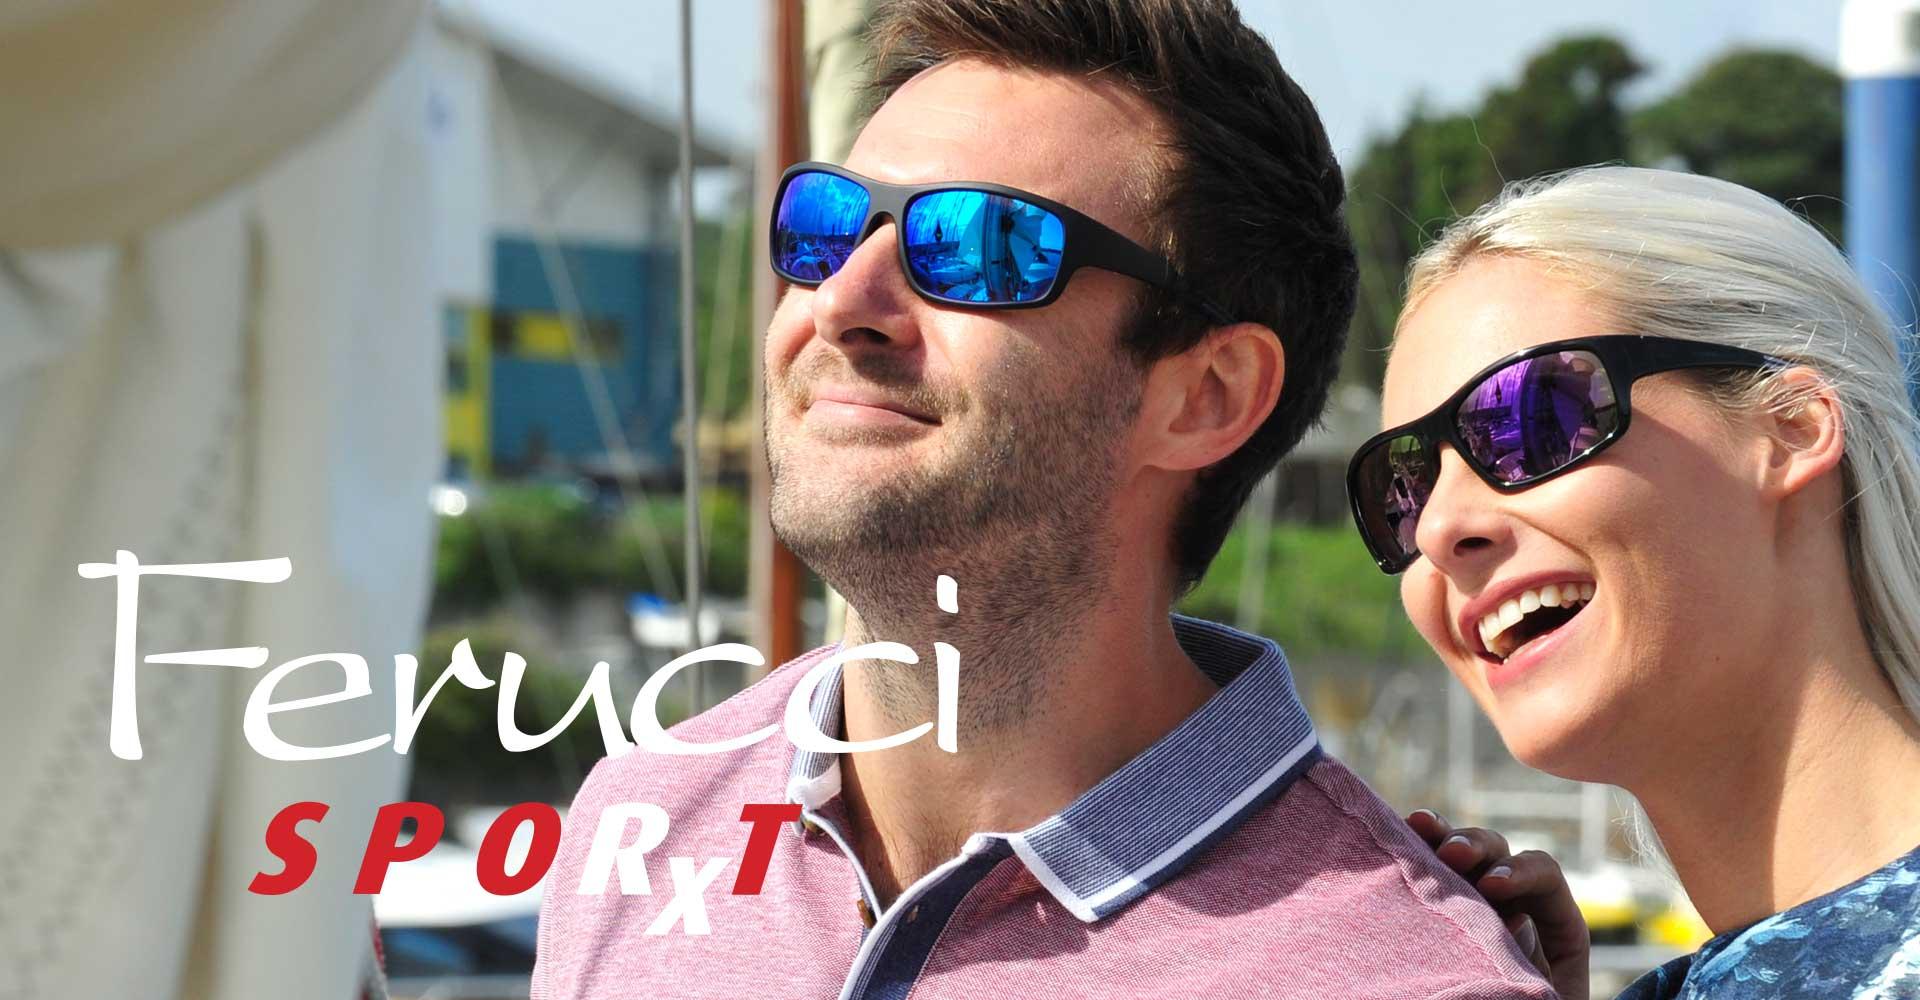 Ferucci Sport